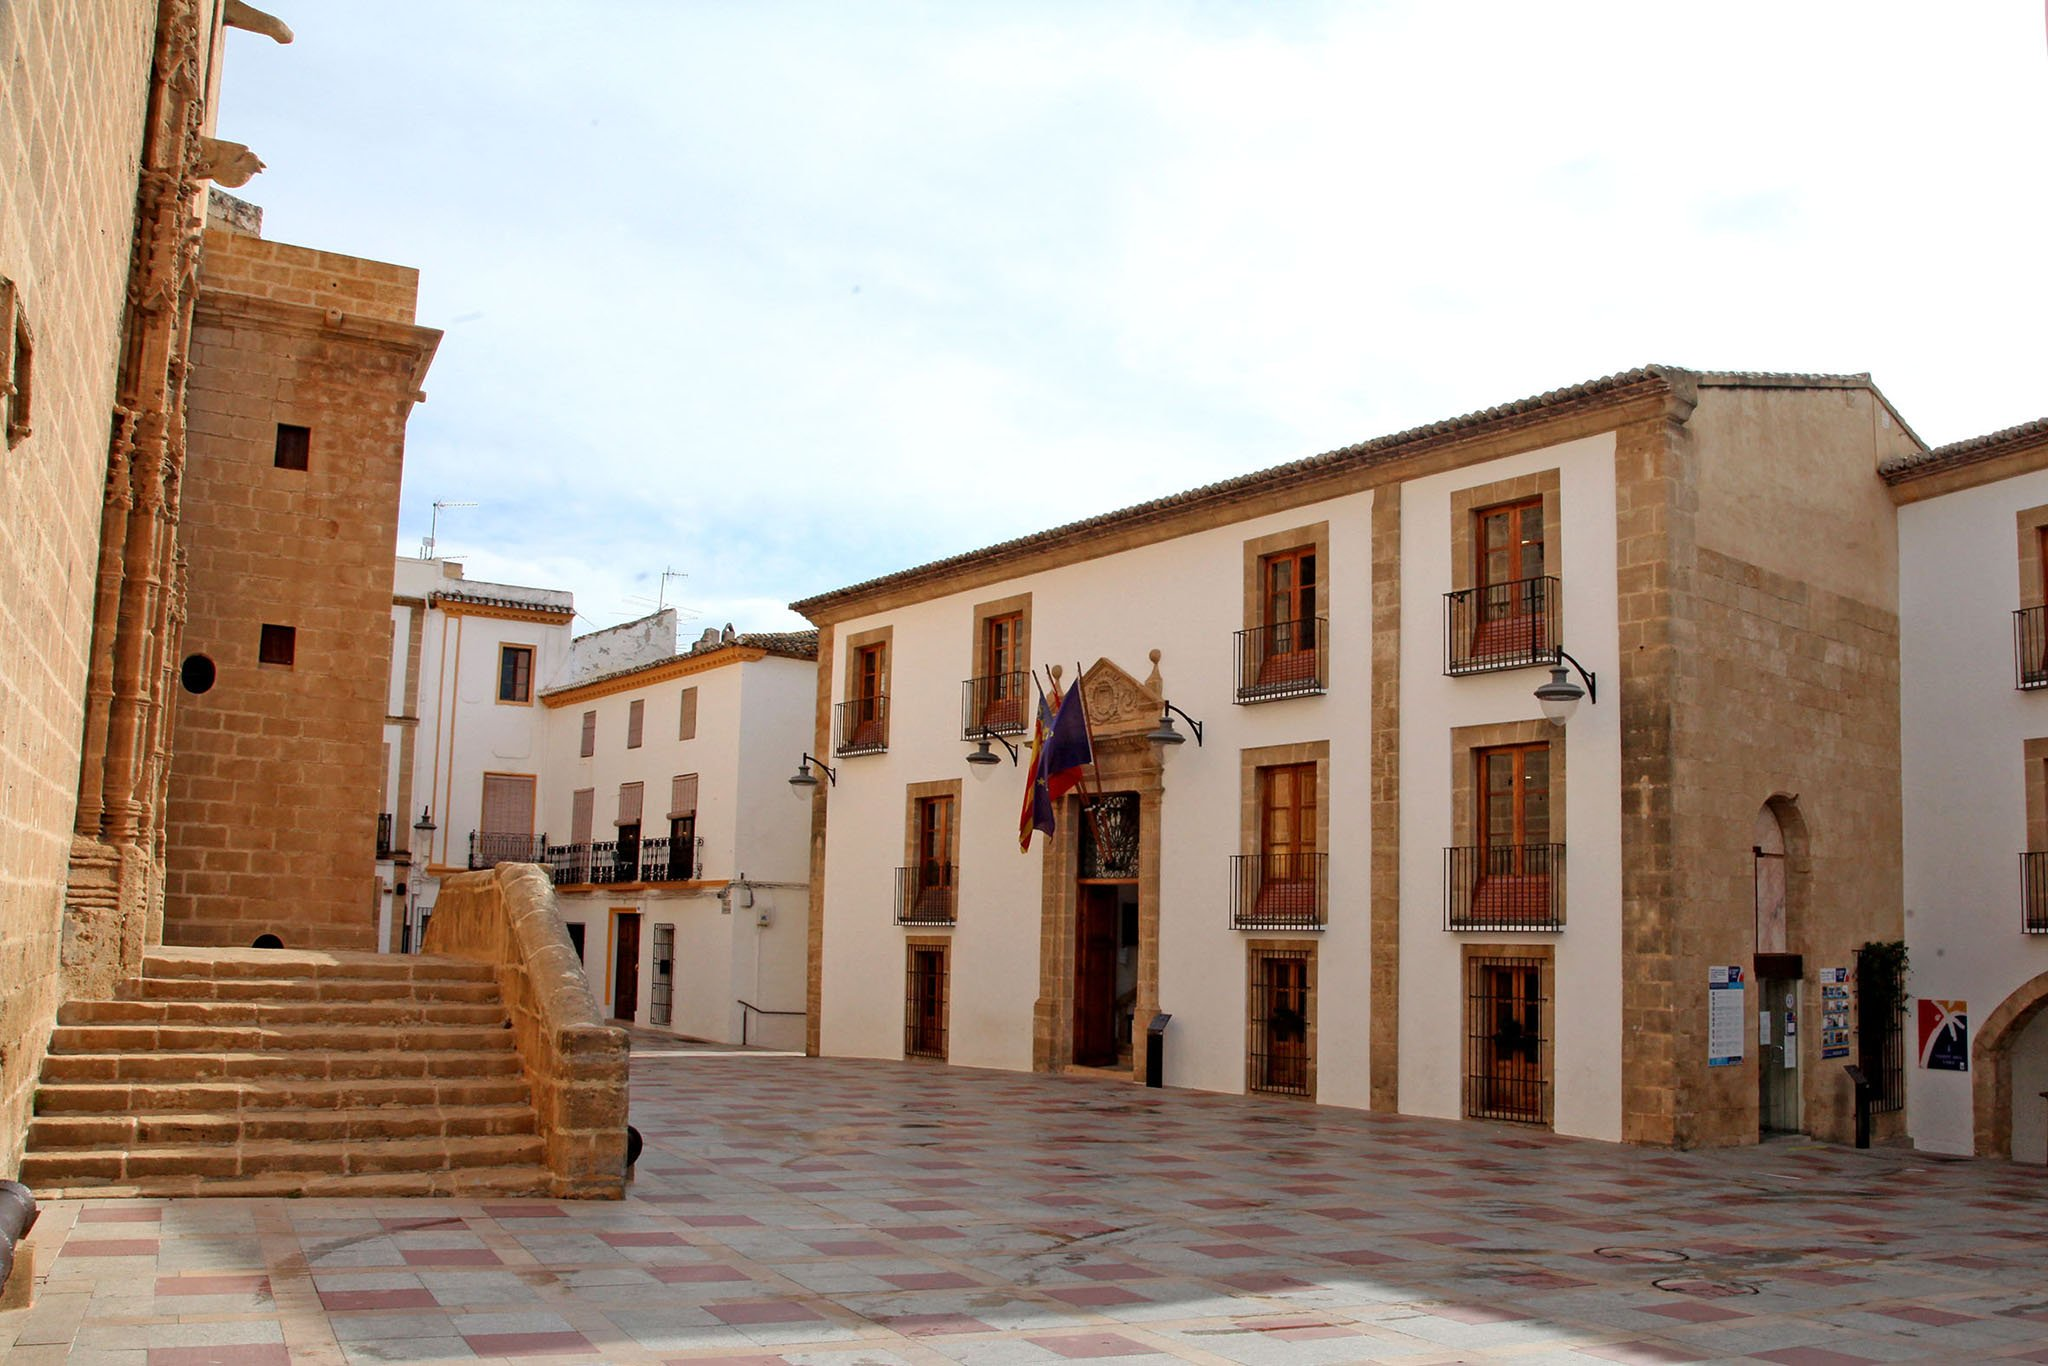 Fachada y plaza del Ayuntamiento de Xàbia